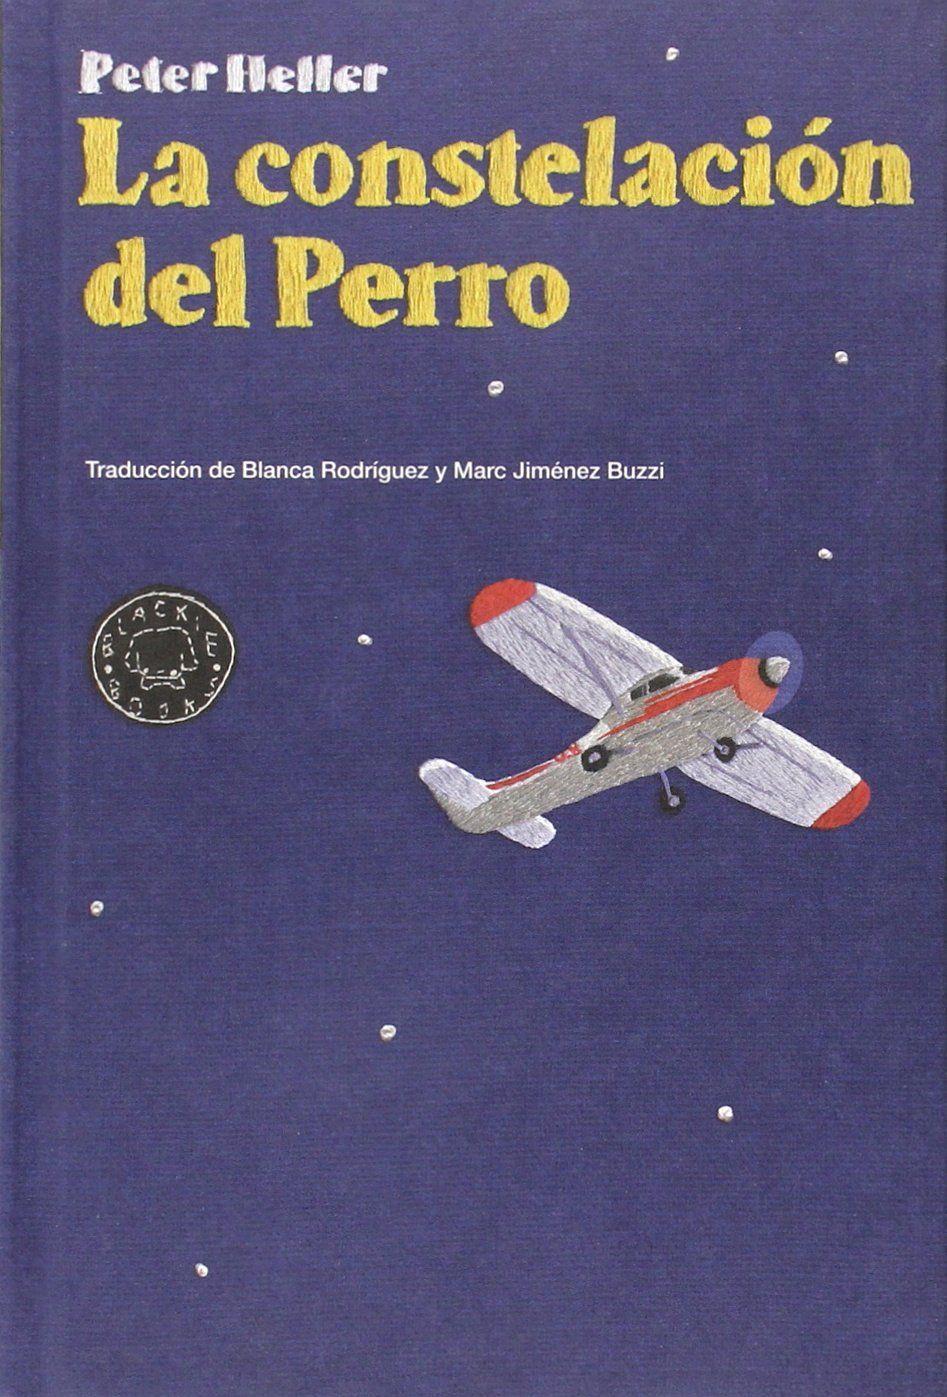 La Constelación Del Perro (BB): Amazon.es: Peter Heller, Nuria Picos, Blanca Rodríguez, Marc Jiménez Buzzi: Libros